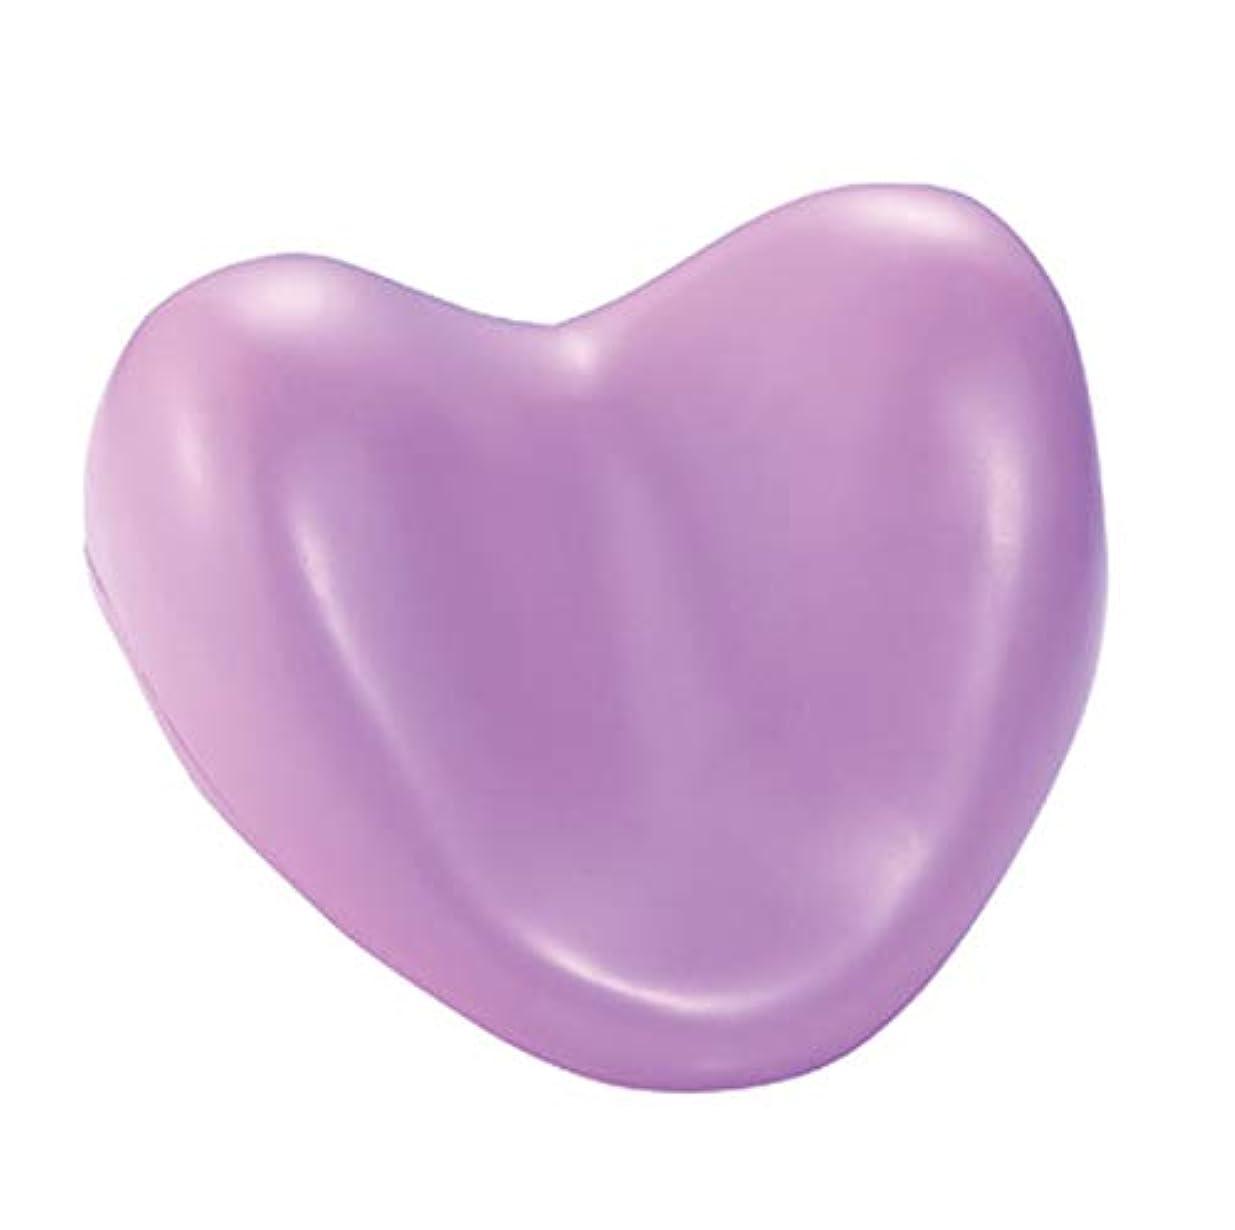 政治禁止する残酷なサクションカップ付きウェルネスバスピローハート型PUフォームサポート枕温水浴槽とスパ浴槽,Purple